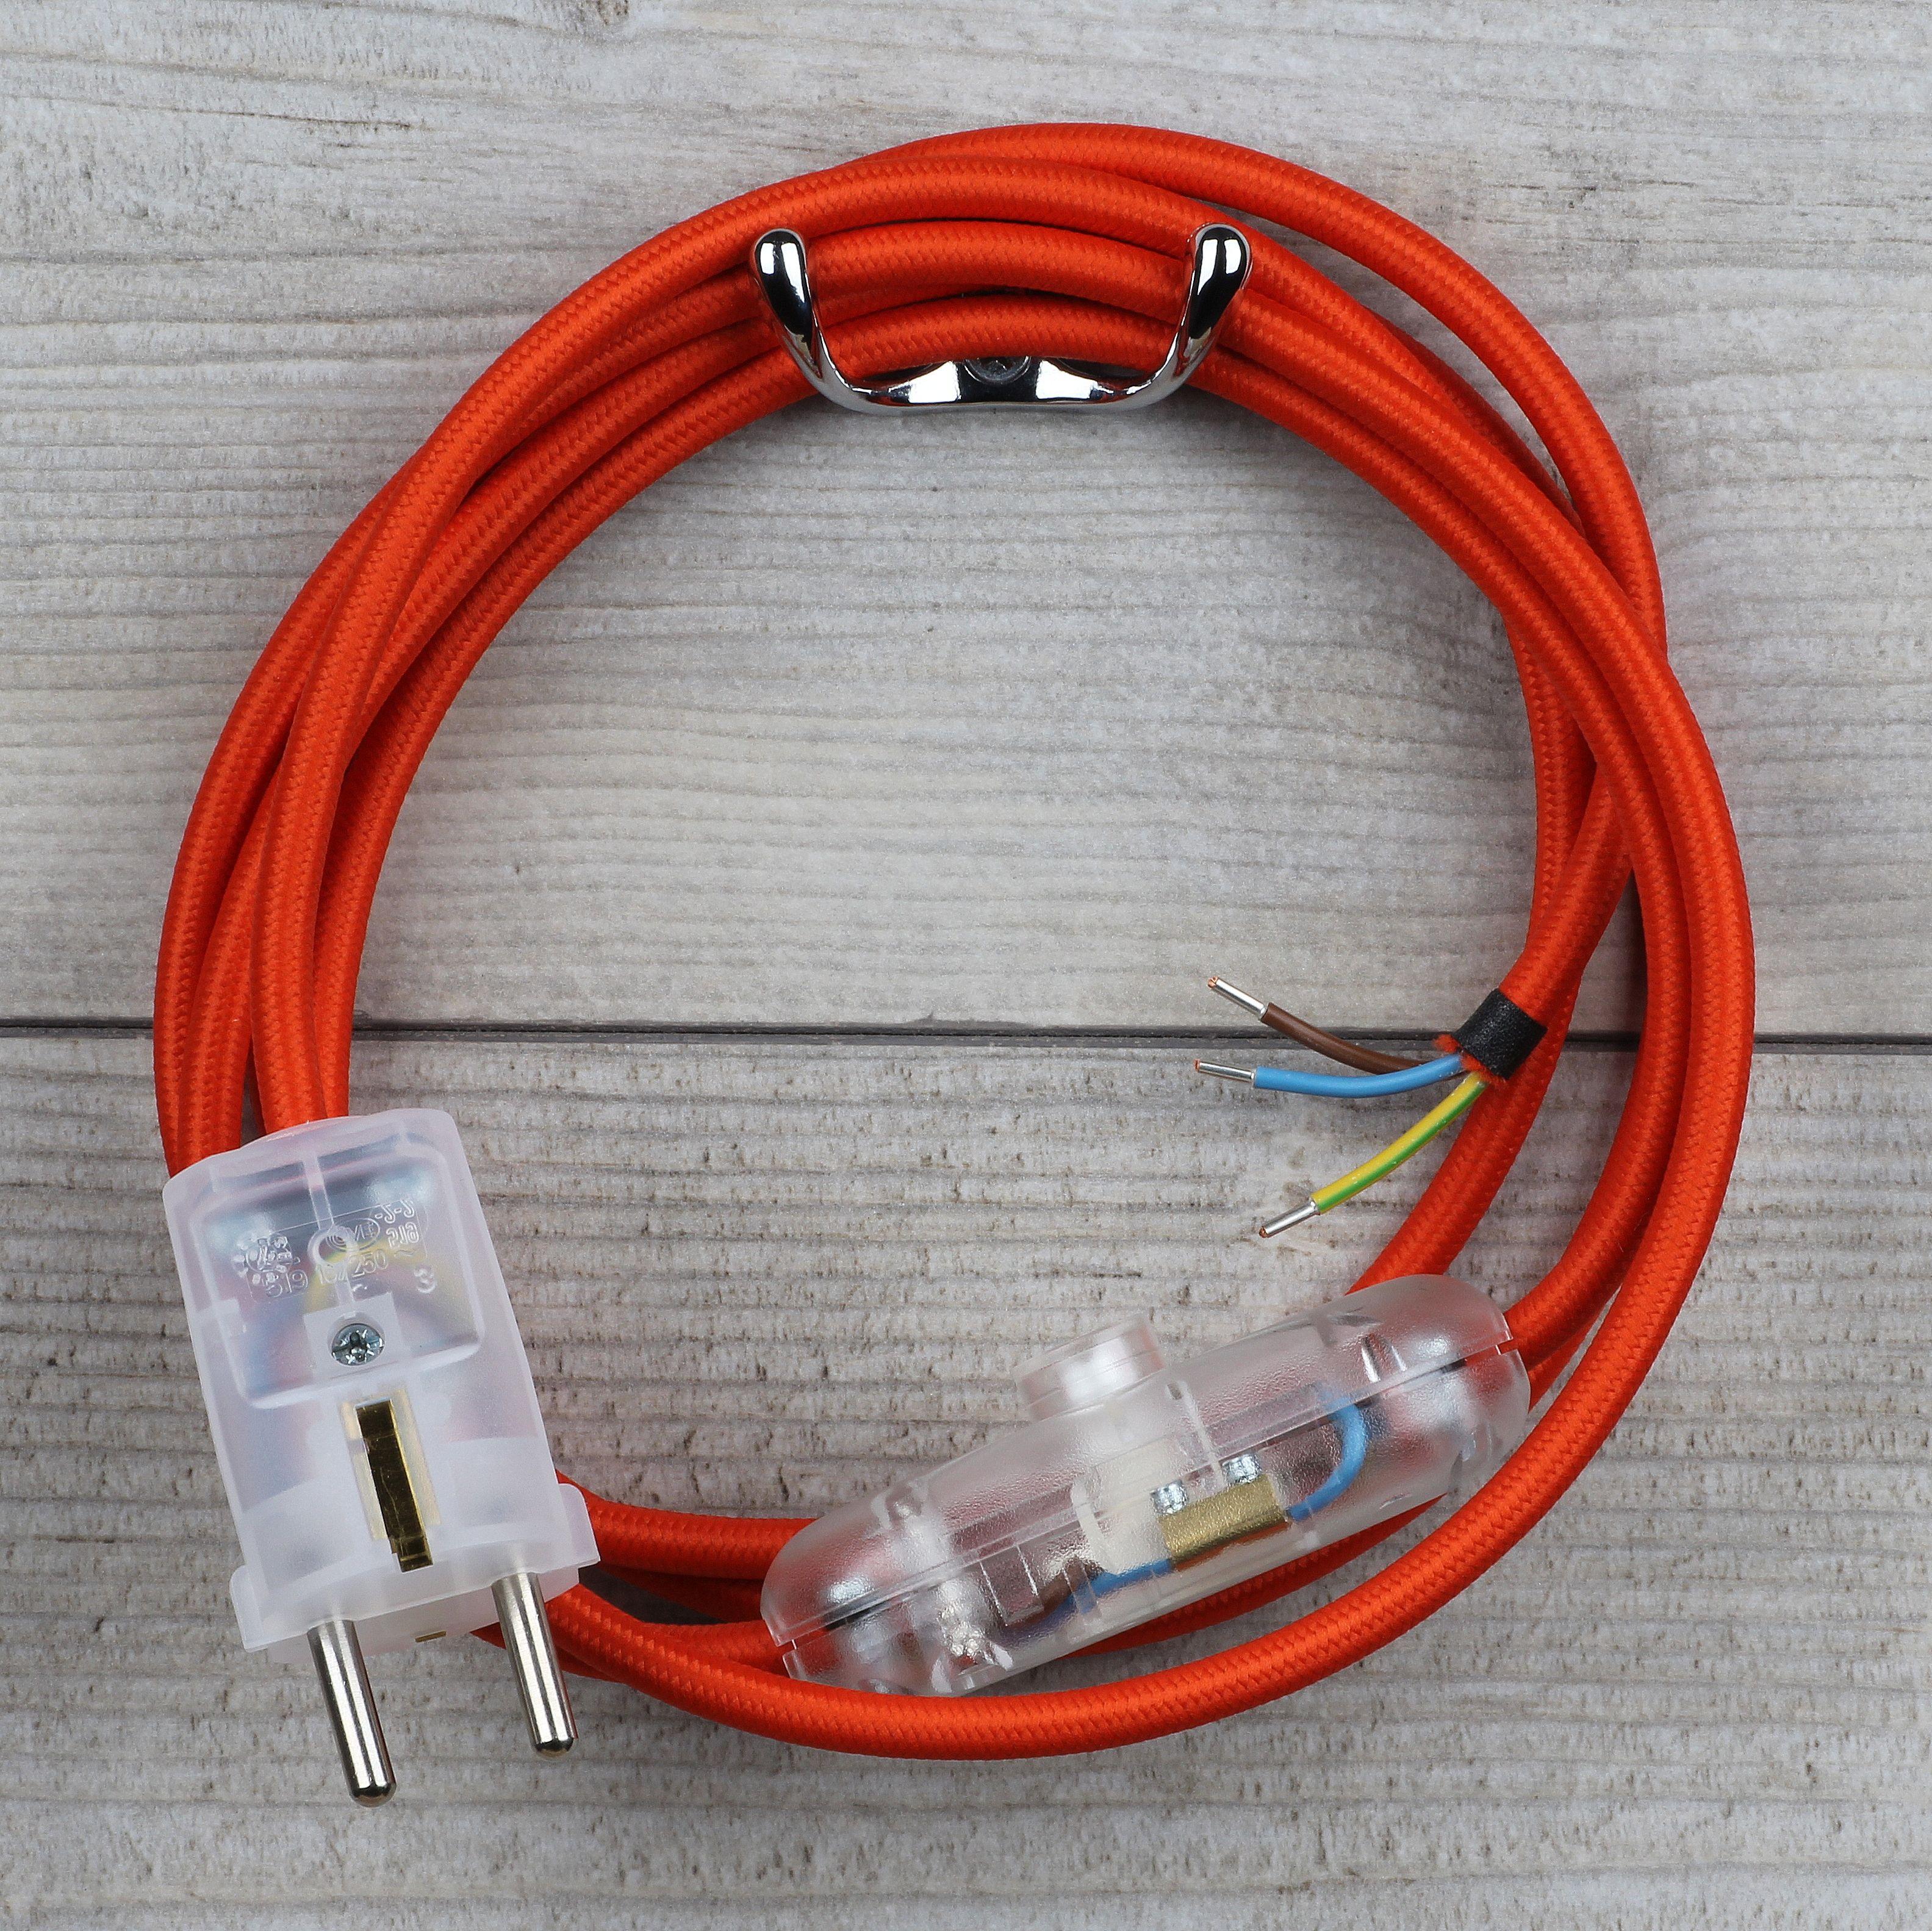 Textilkabel Orange Mit Schalter U Schutzkontakt Stecker 27 25 Textilkabel Kabel Stecker